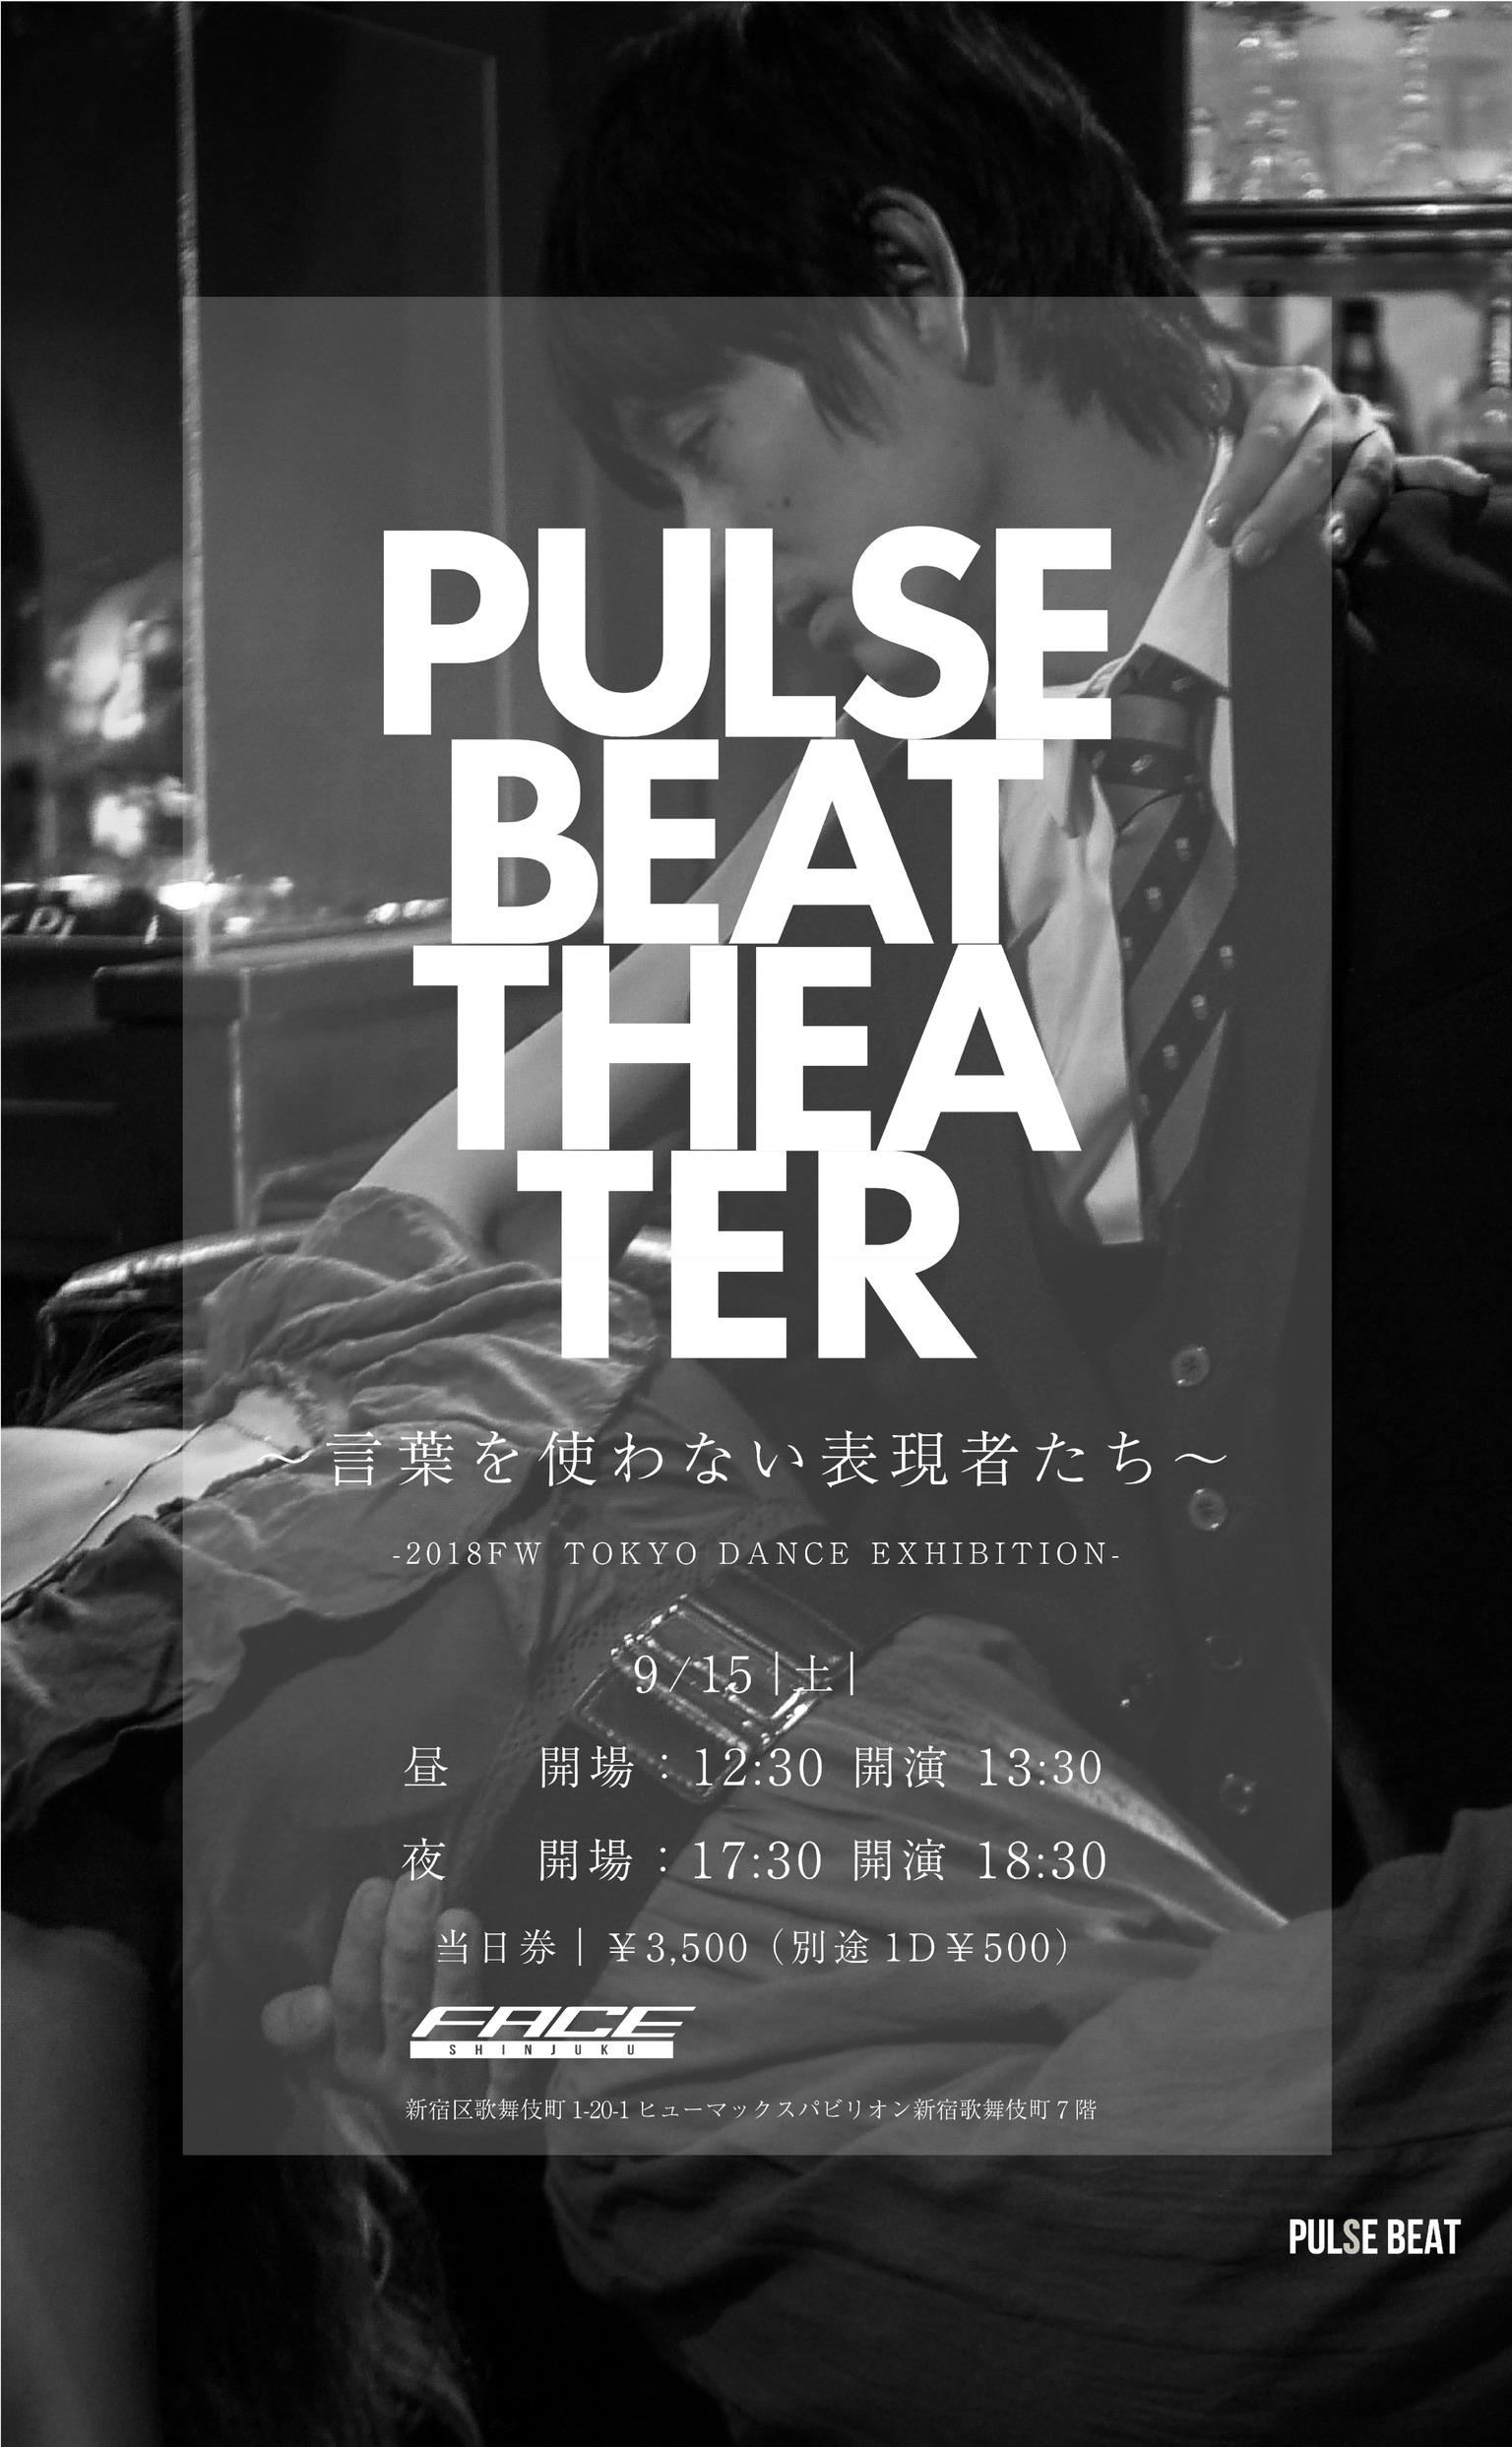 #PBT2|「言葉を使わない表現者たち」をテーマに人気の振付師作品25組が踊る、飛ぶ、ダンス – 拍手喝采の新宿FACE (全355枚) -PULSE BEAT THEATER 18FW